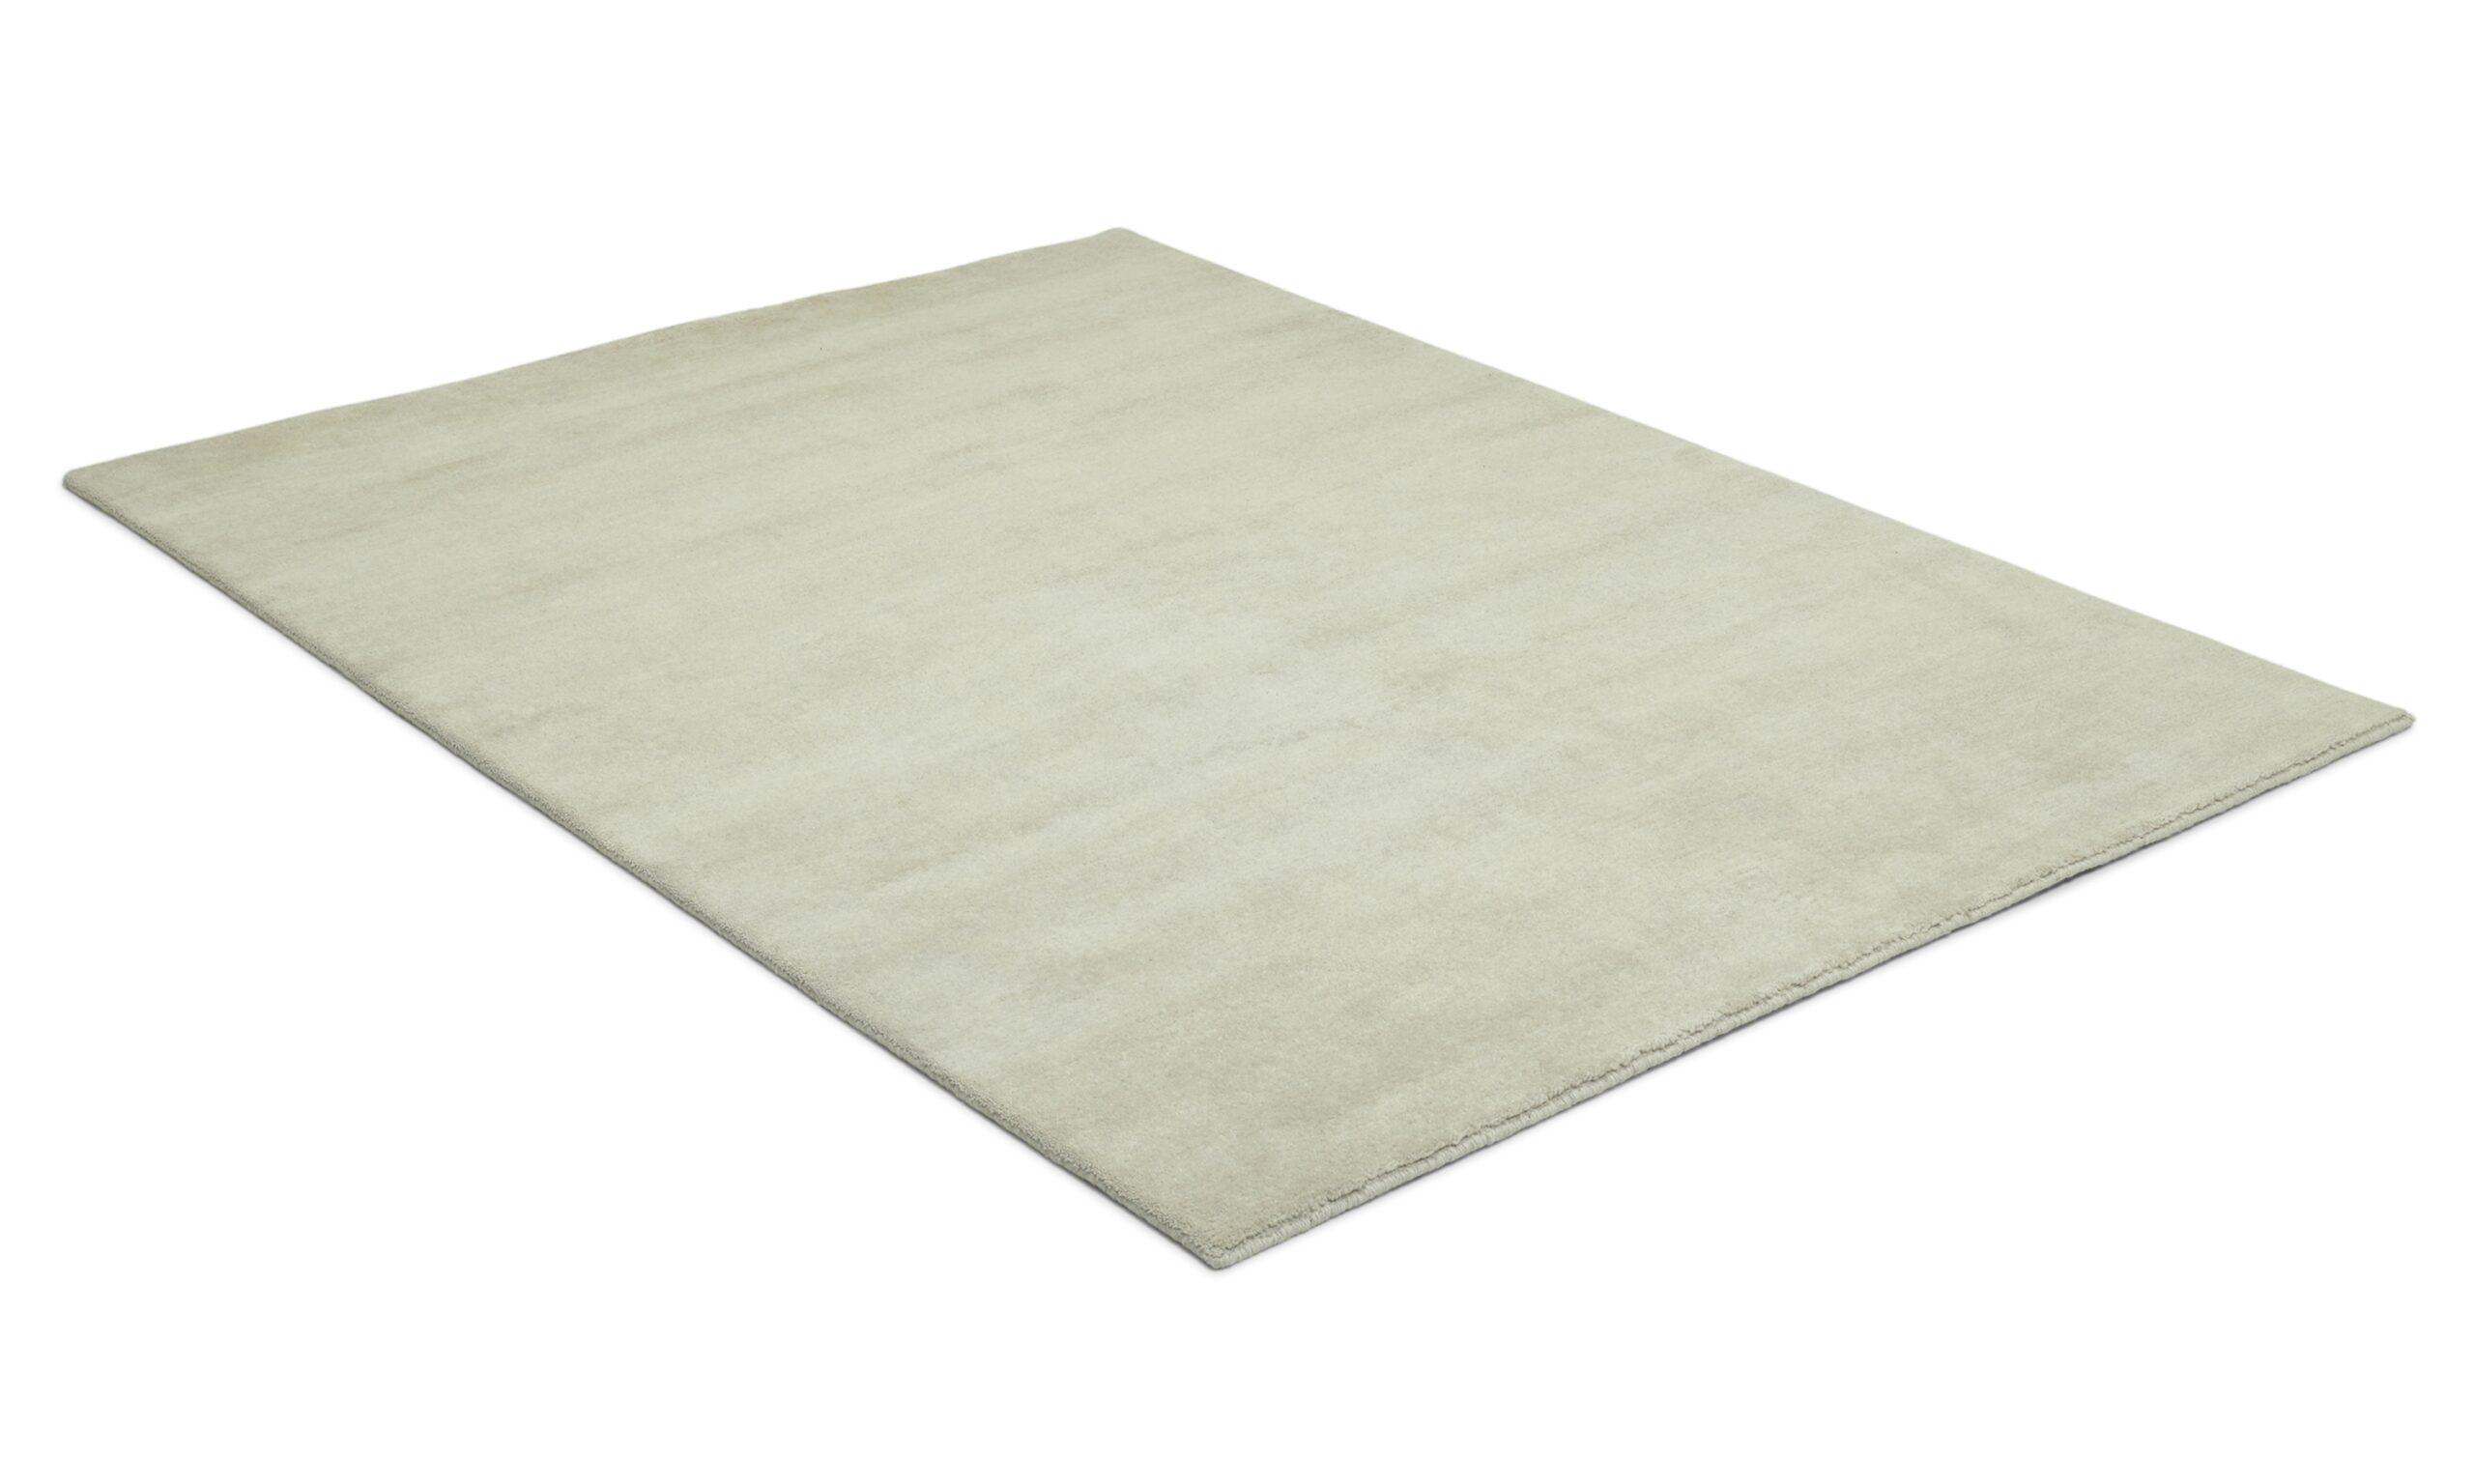 Aran offwhite - handknuten matta